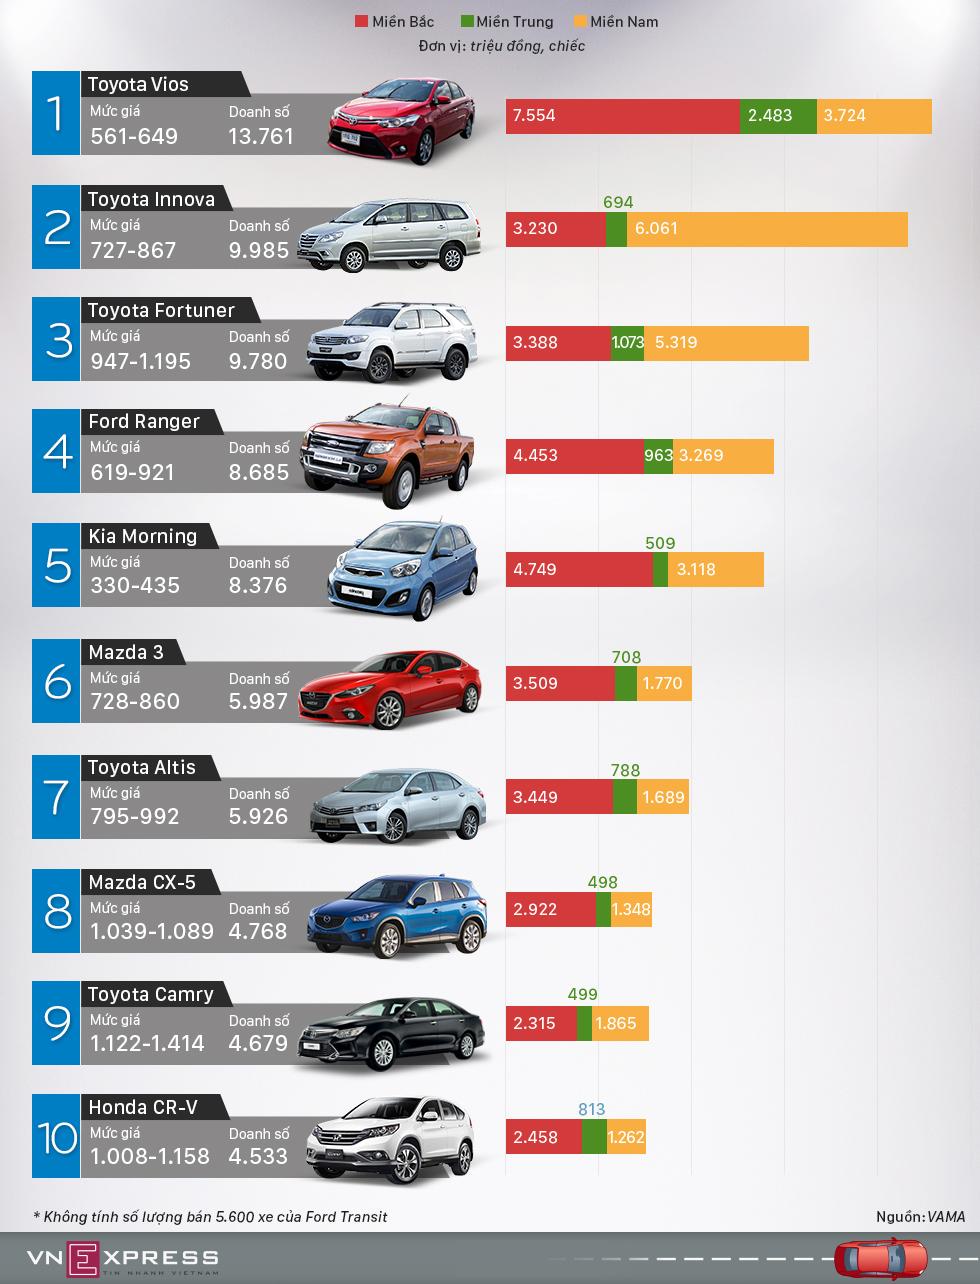 10 mẫu ôtô bán chạy nhất Việt Nam 2015